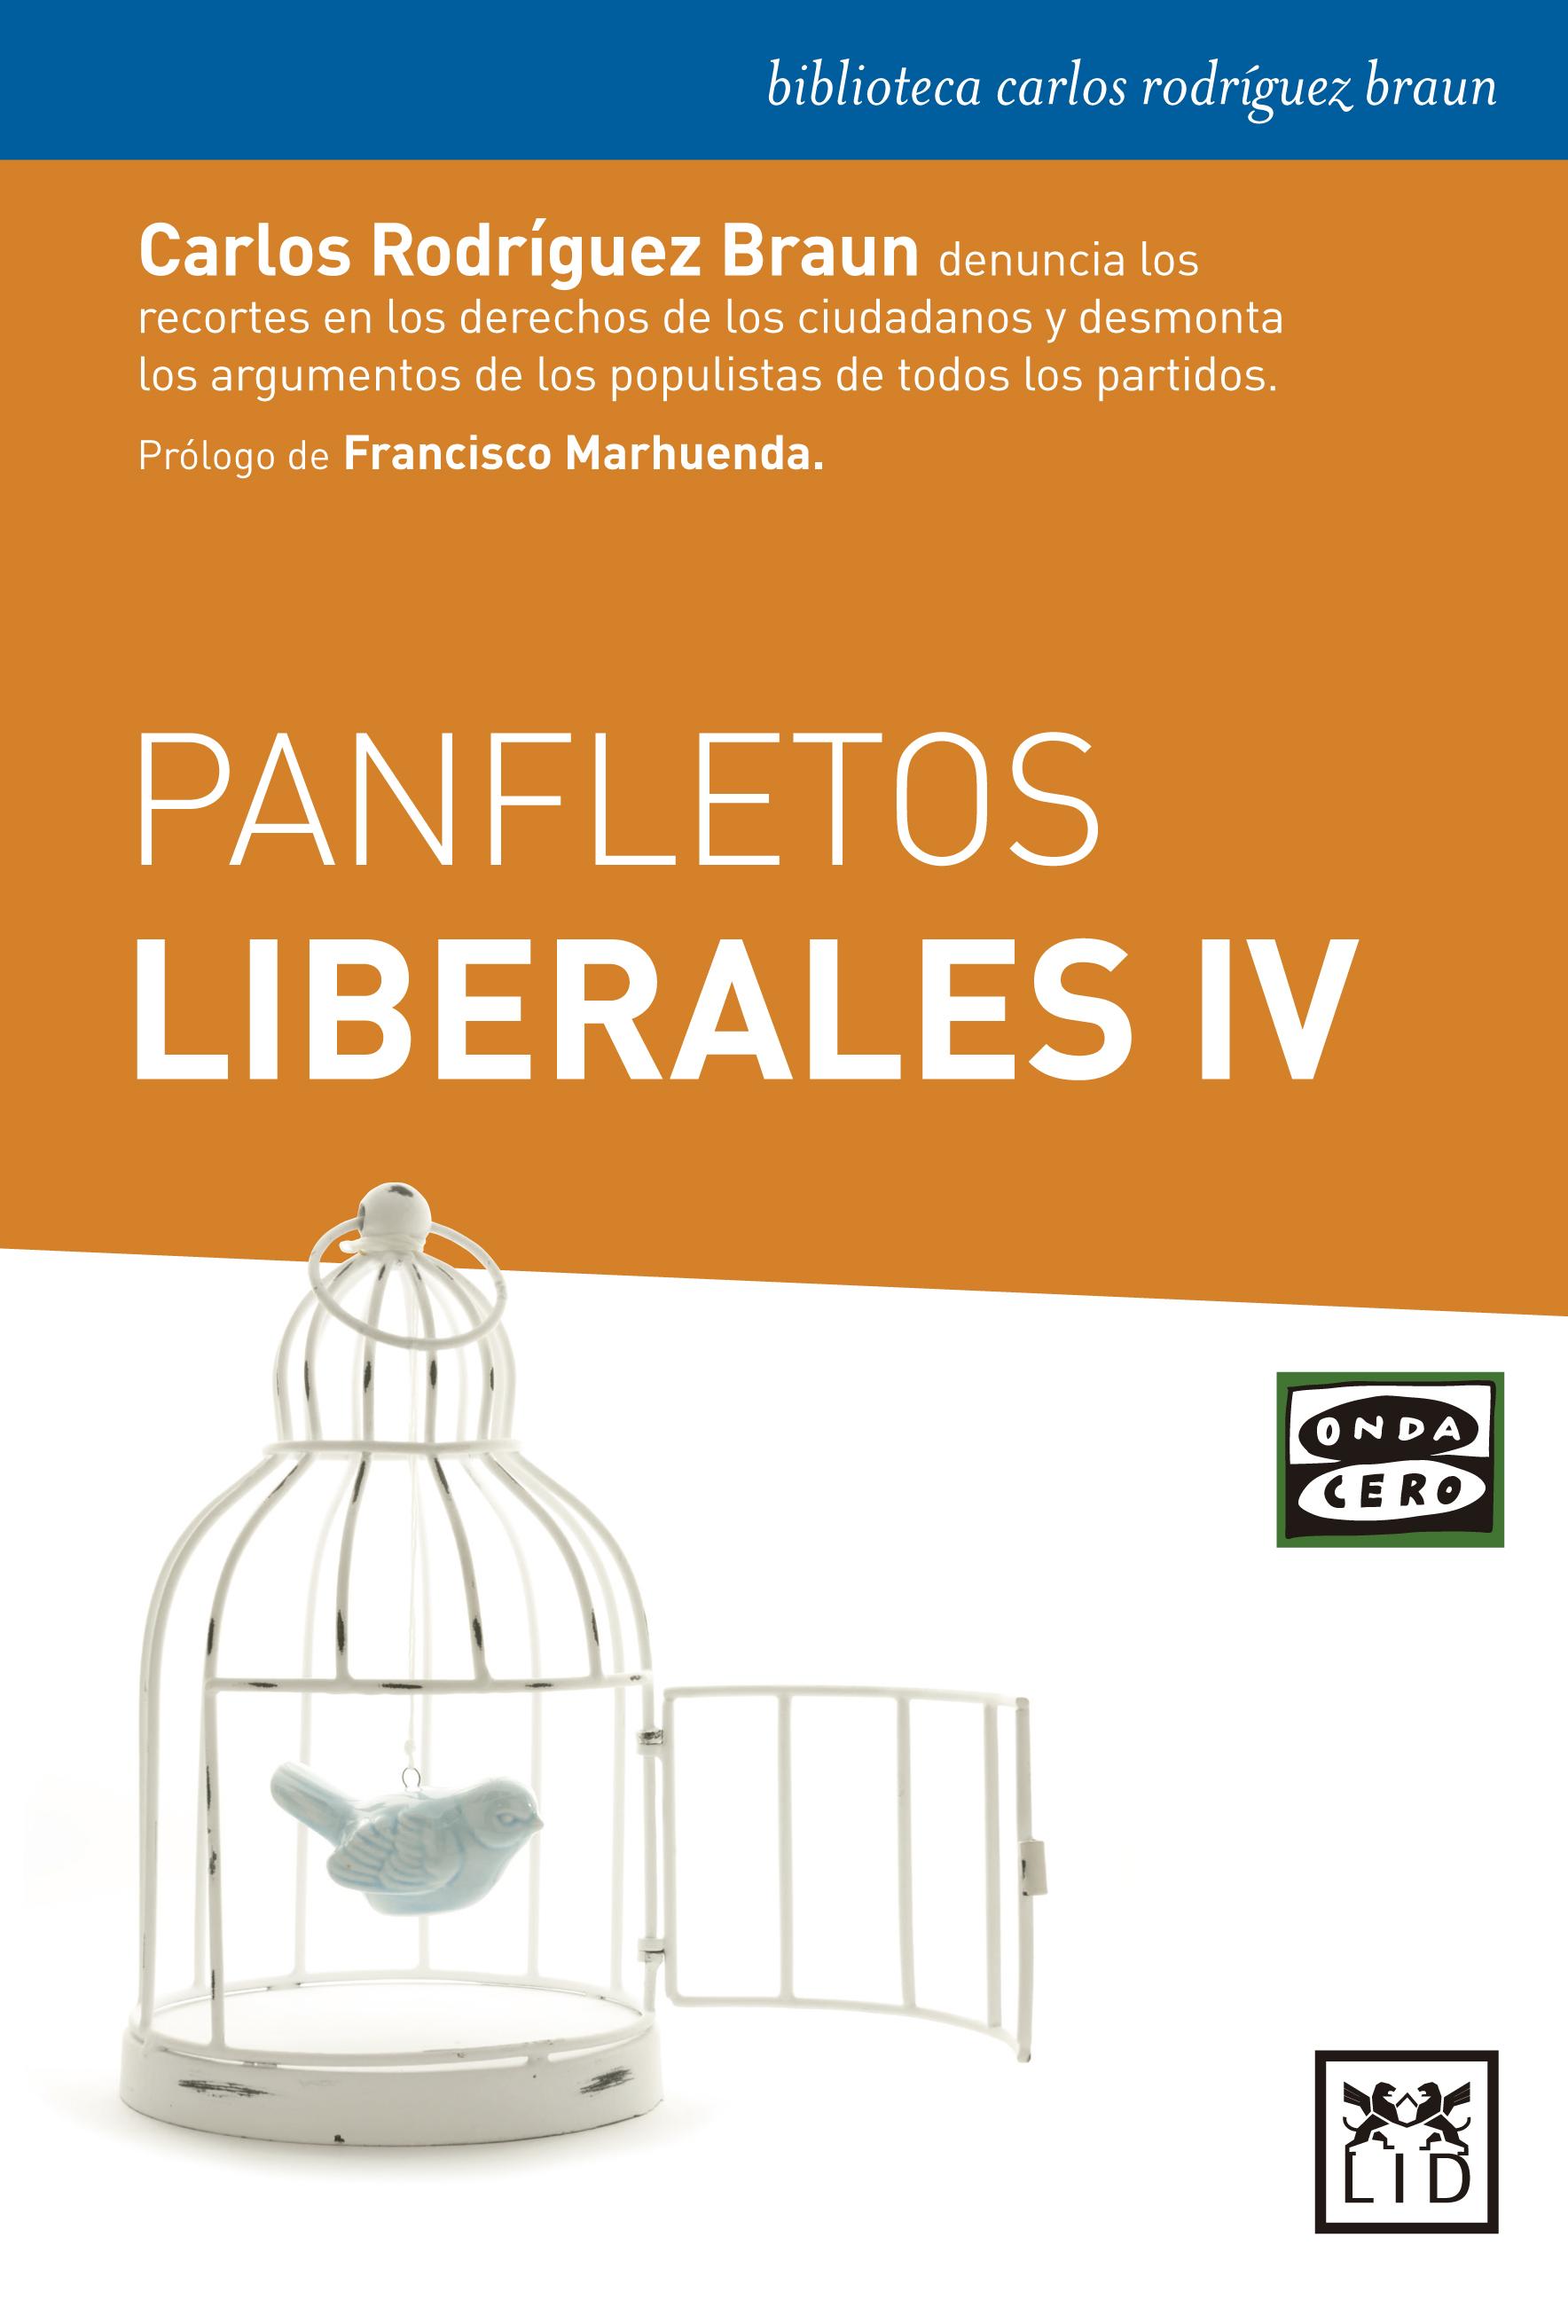 Panfletos liberales IV